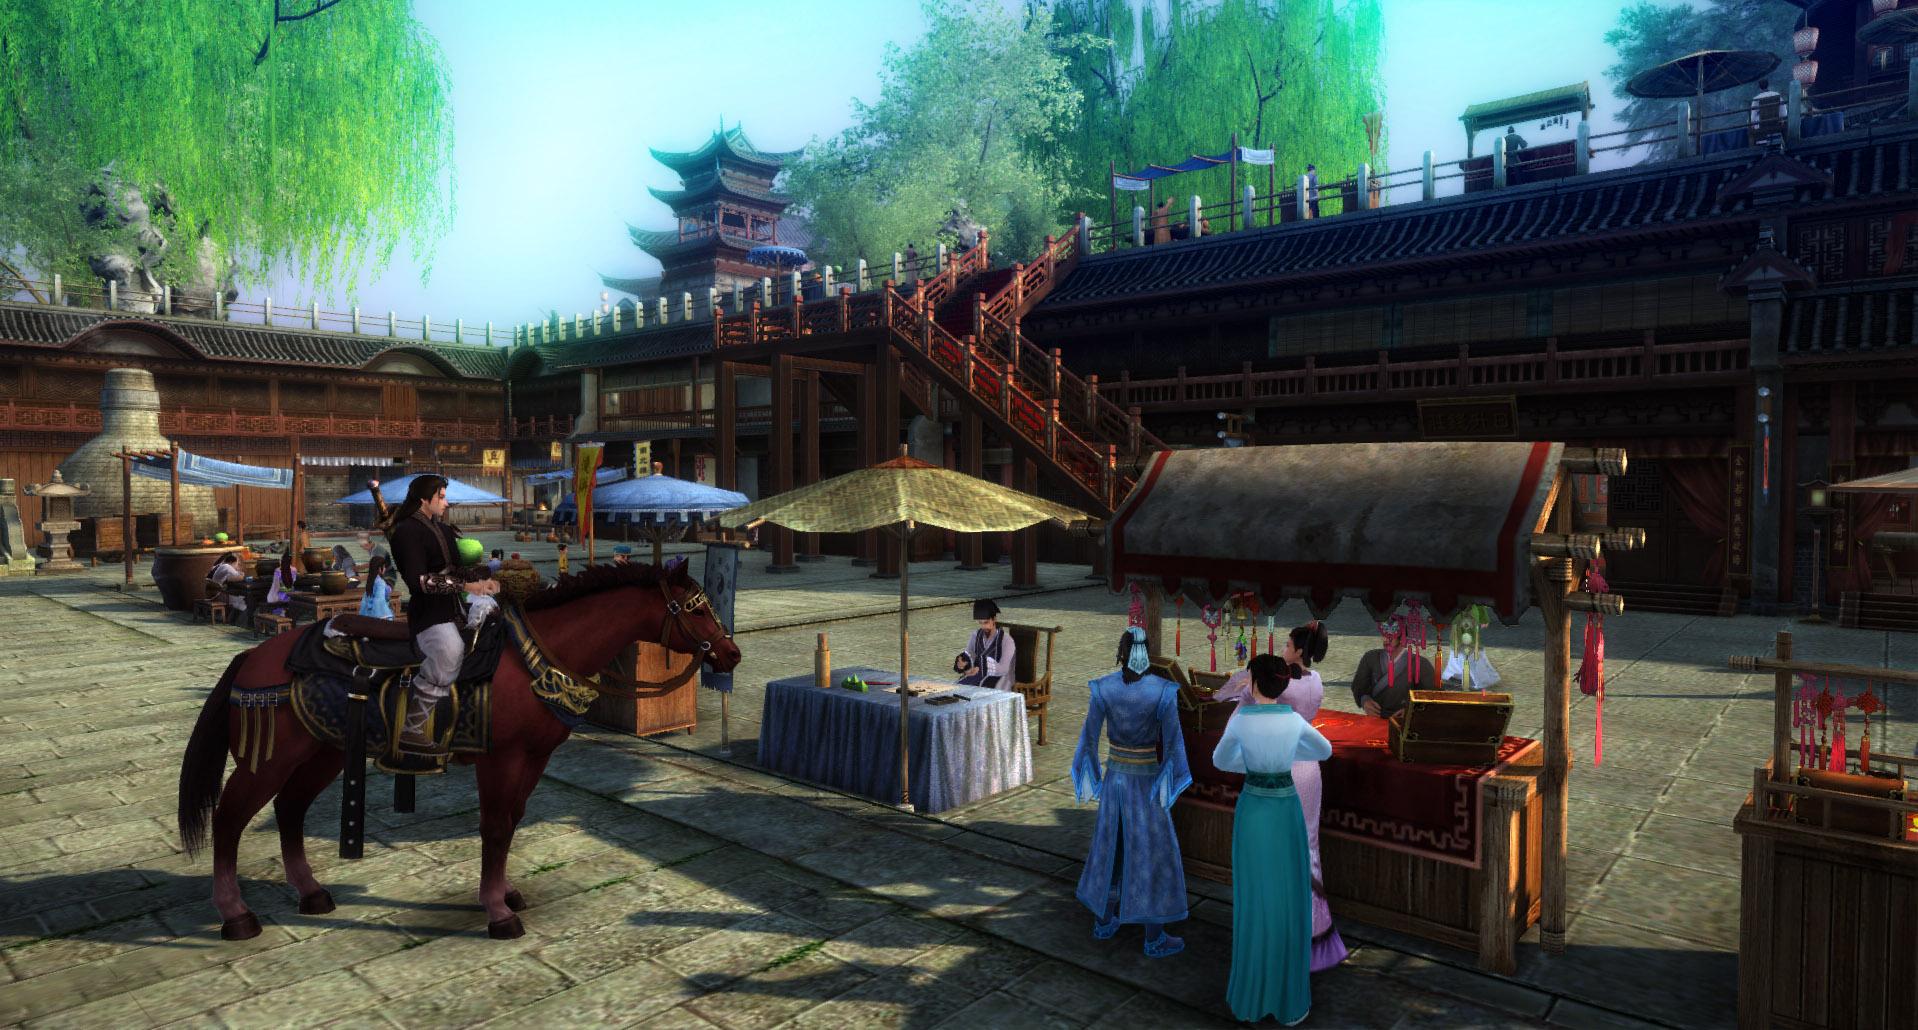 Jeu De Fille Gratuit 3D Jeux Educatif 3 Ans En Ligne Jeux De à Jeux 3 Ans En Ligne Gratuit